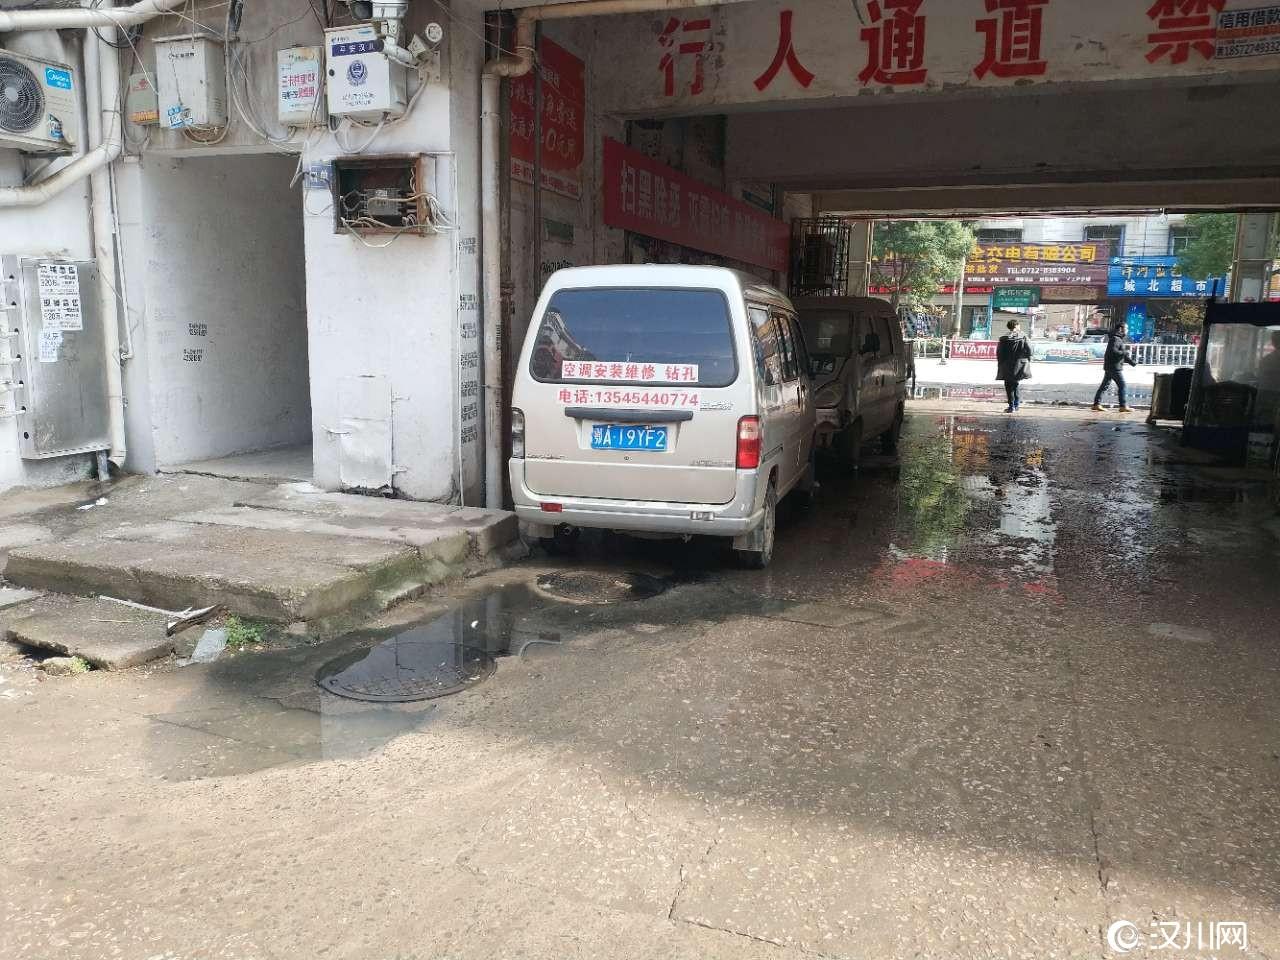 车站附近摩托车大市场通道污水横流